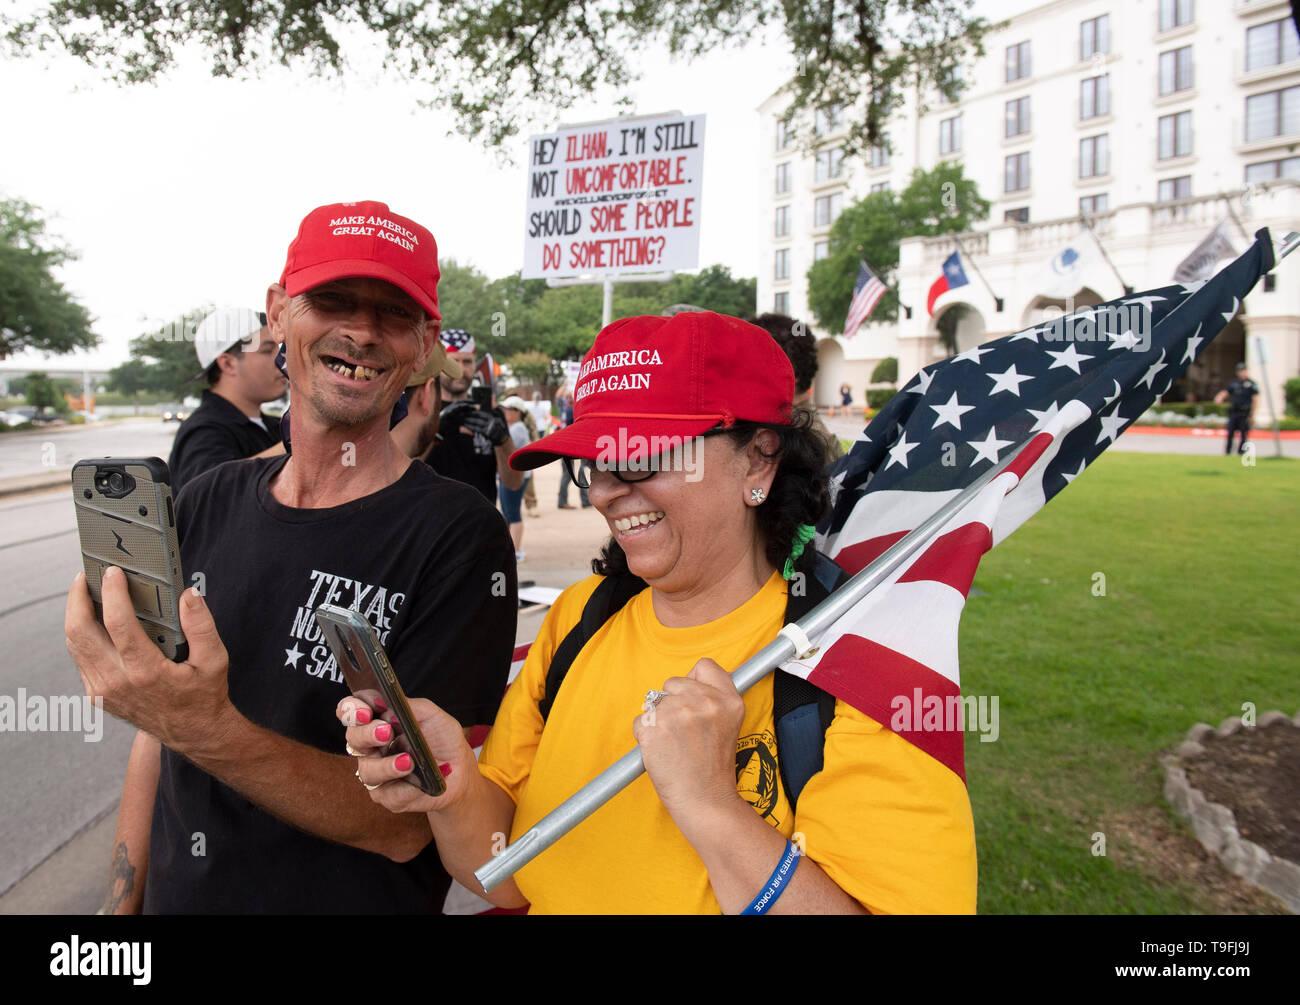 Protesta de manifestantes fuera del hotel de Austin, Texas, donde el controvertido congresista musulmán Ilhan Omar habló en una cena Iftar celebrada en toda la ciudad, y el uso de los teléfonos móviles para grabar las actuaciones. Omar ha sido acusado de hacer comentarios antisemitas. Foto de stock